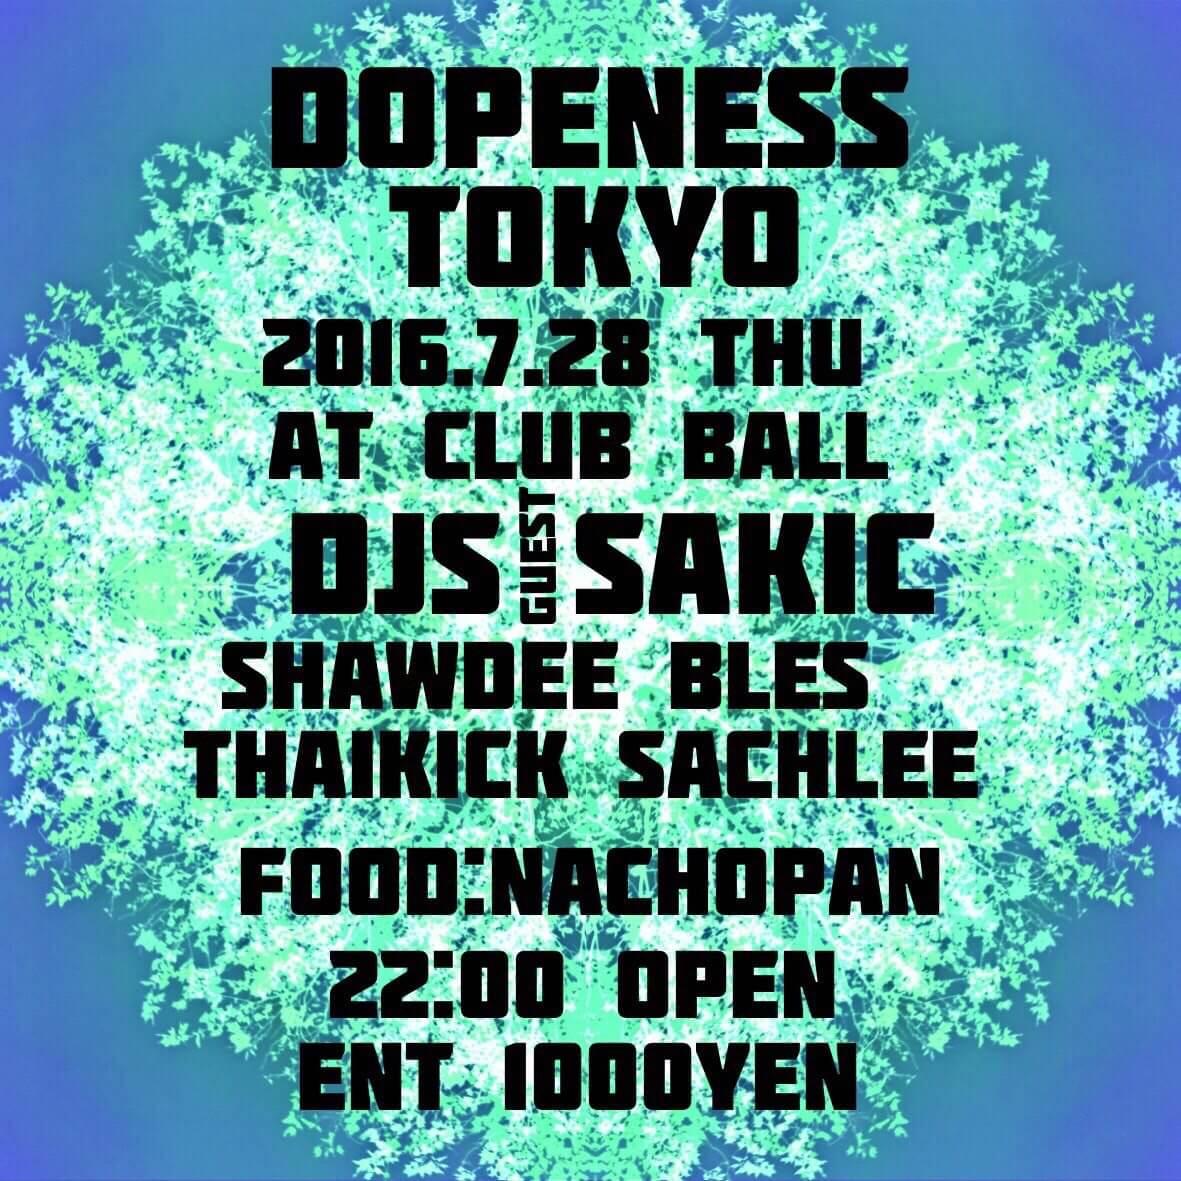 dopeness-tokyo-01-01